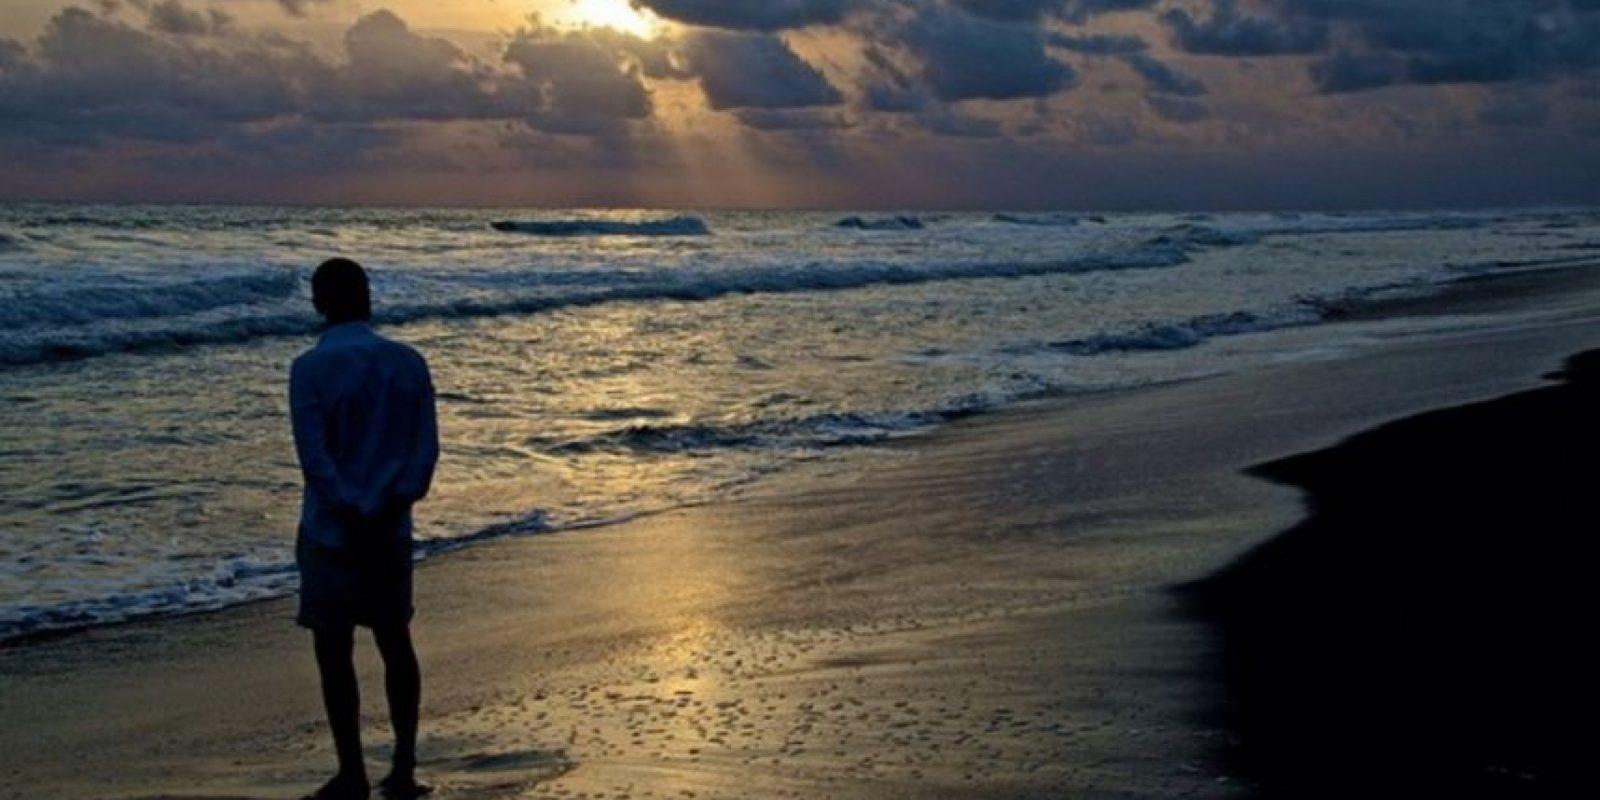 Las playas guatemaltecas son ideales para ver una puesta de sol. Foto:Vía https://instagram.com/explore/tags/laslisas